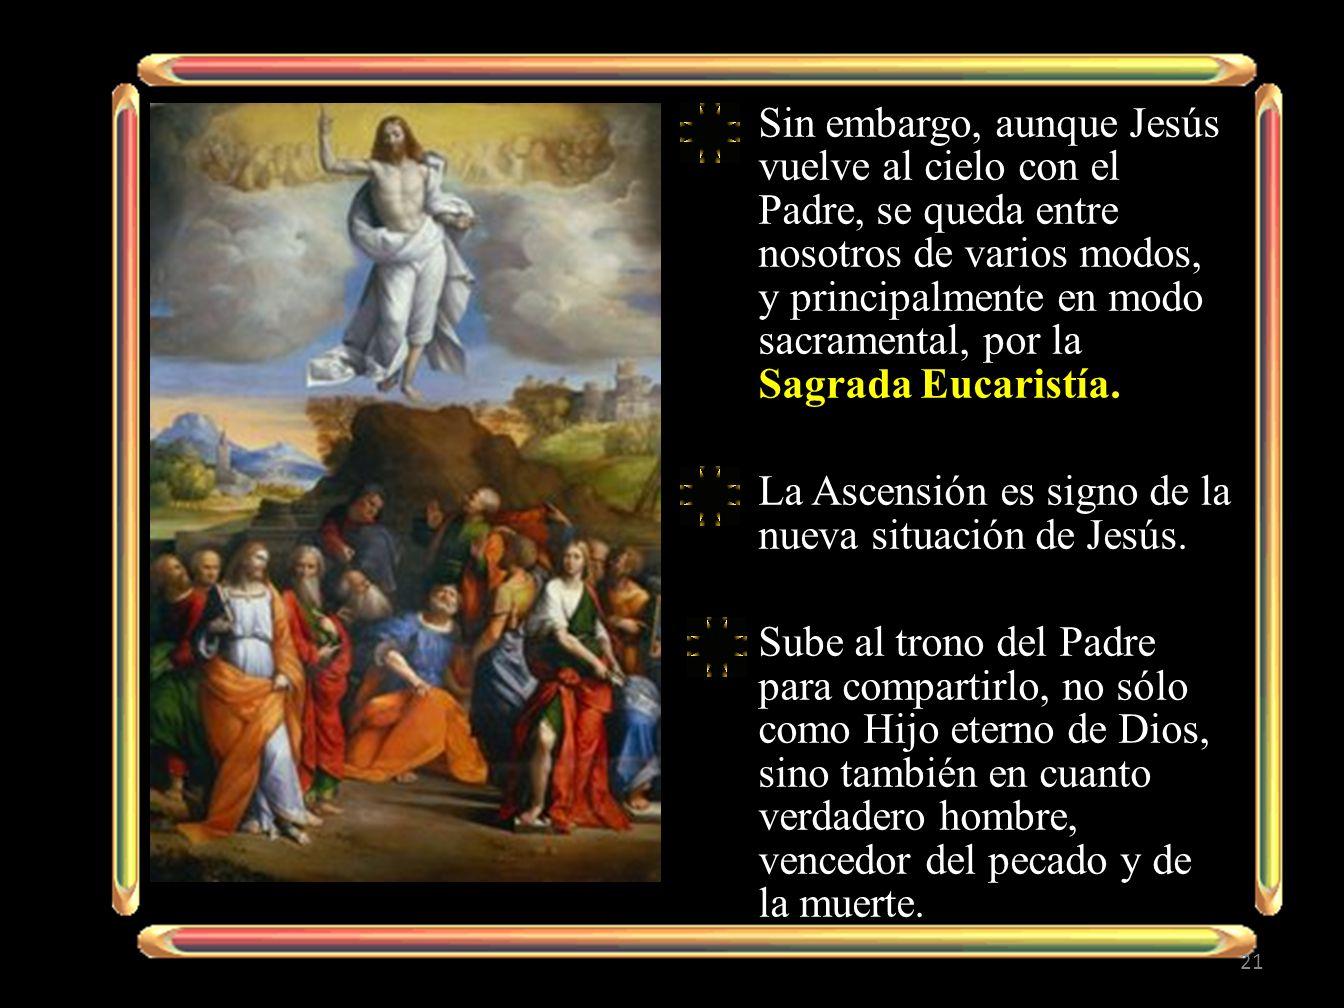 Sin embargo, aunque Jesús vuelve al cielo con el Padre, se queda entre nosotros de varios modos, y principalmente en modo sacramental, por la Sagrada